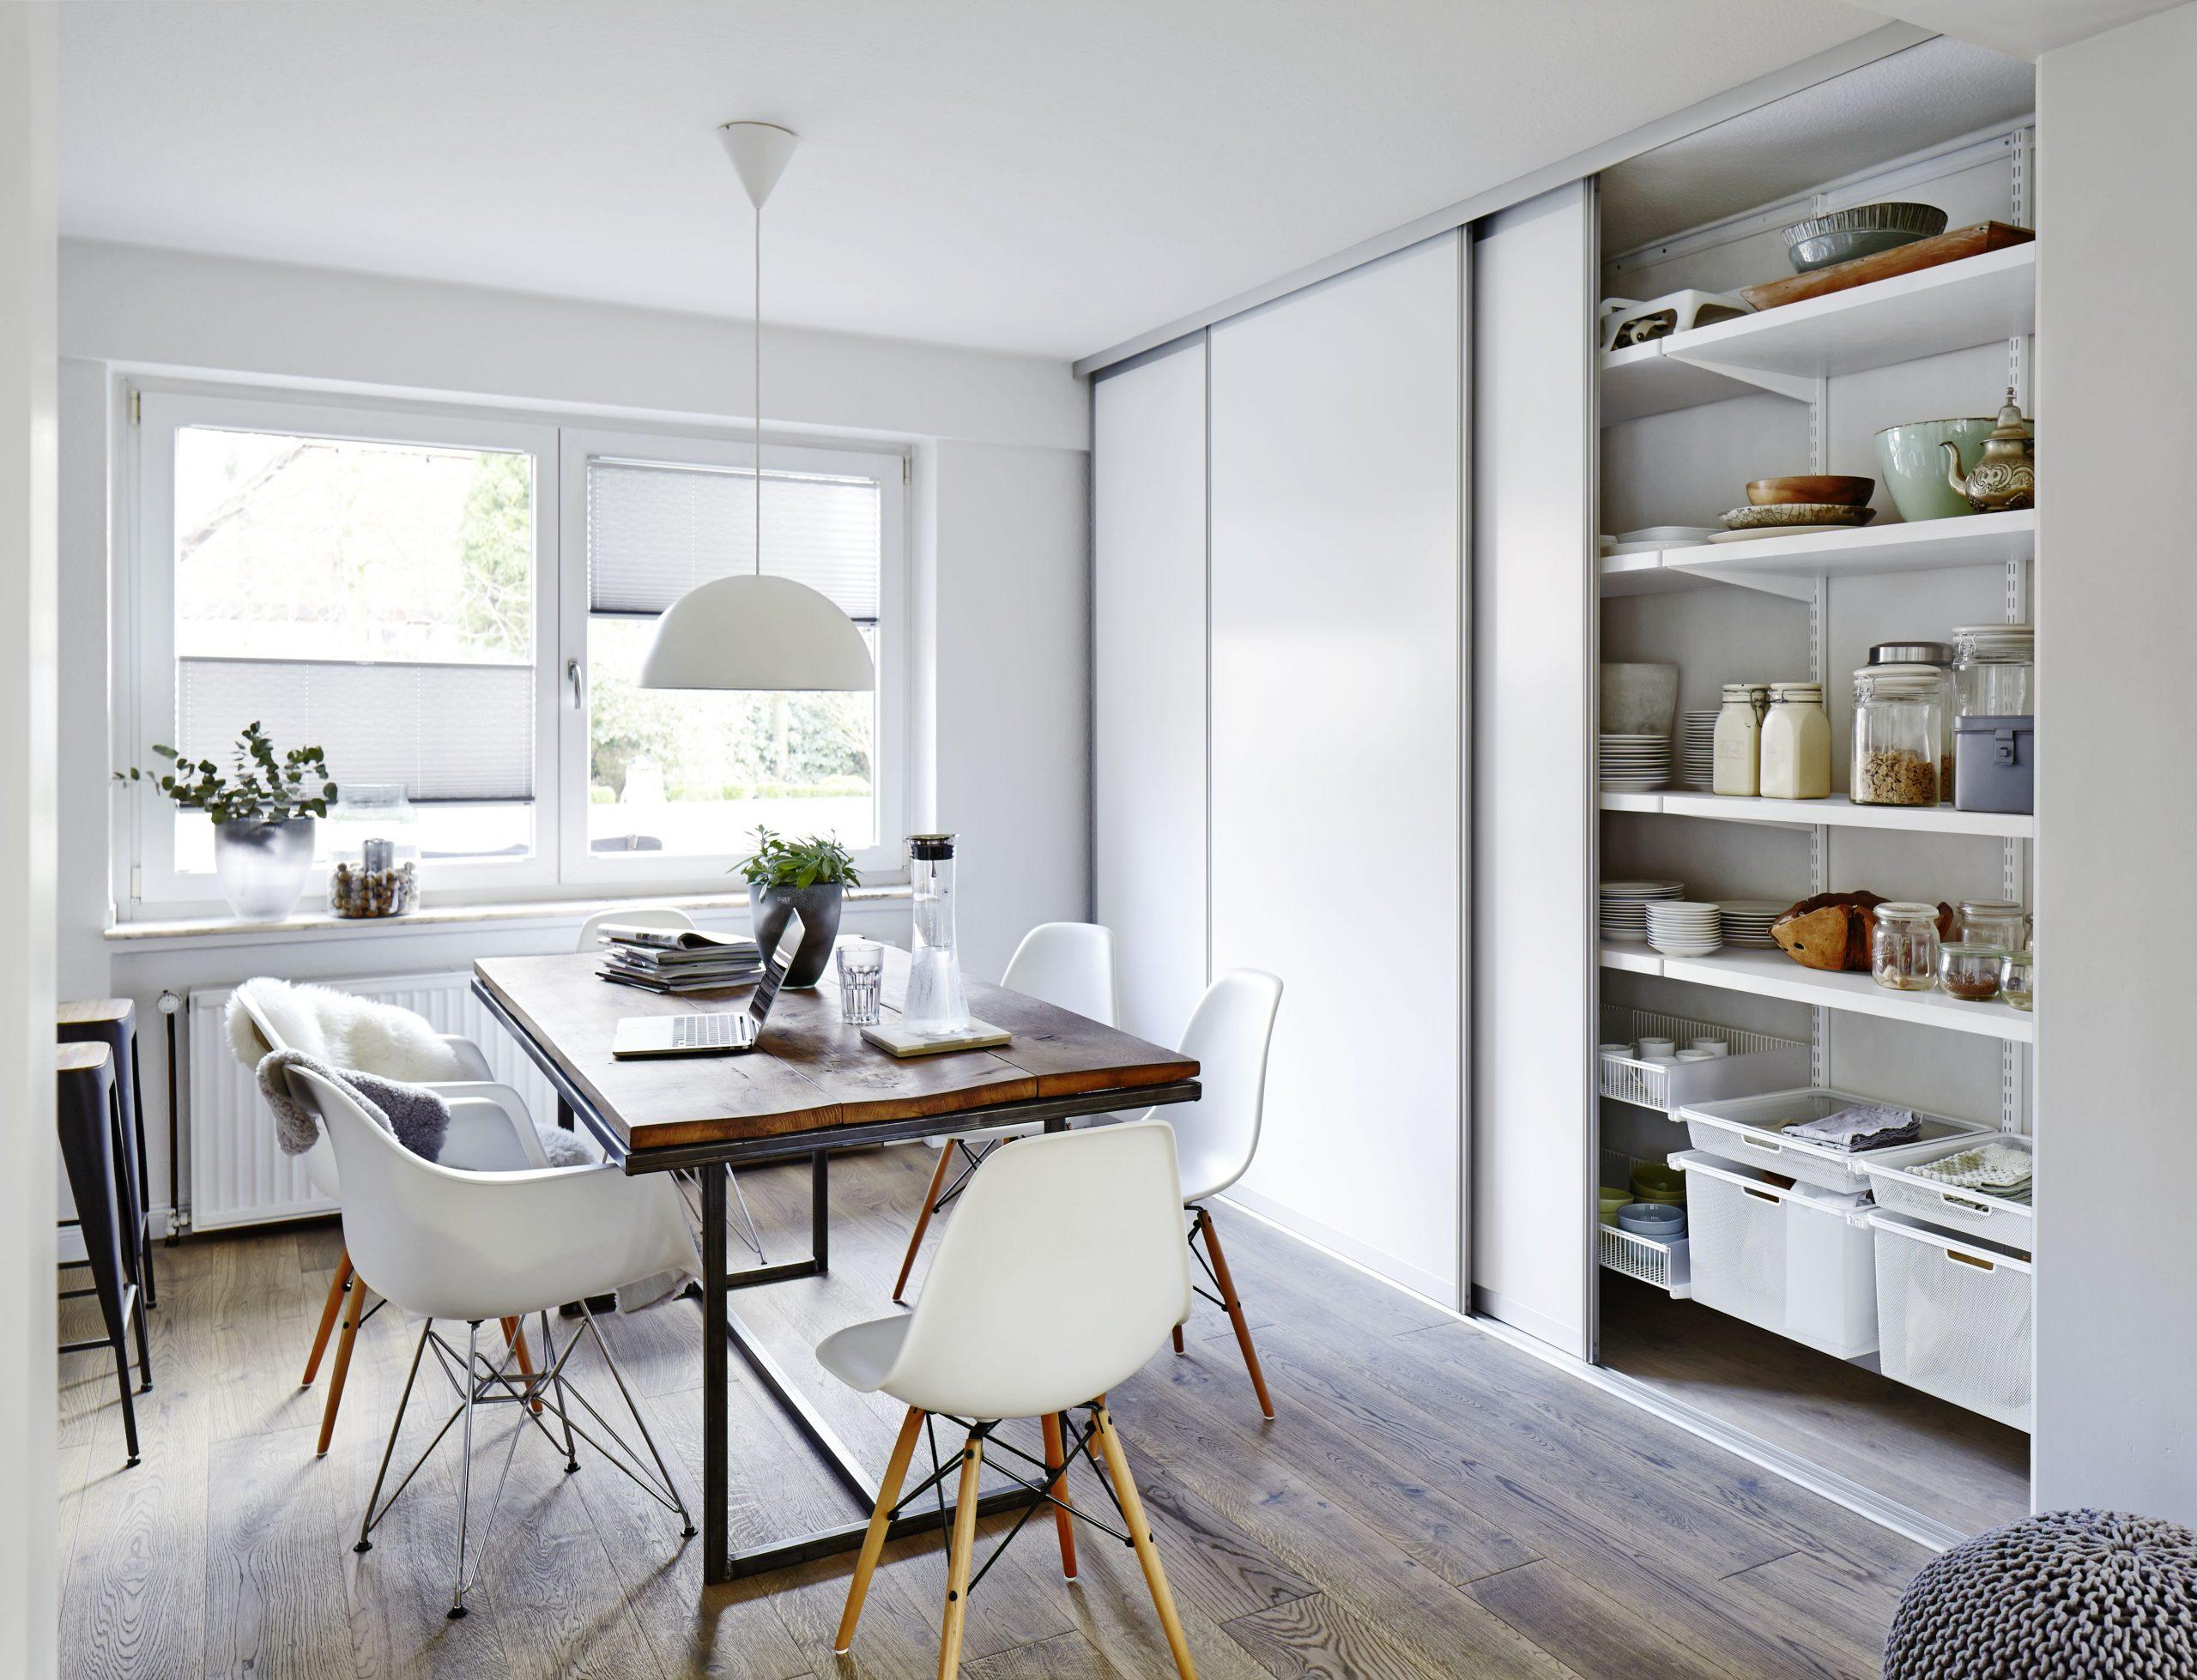 Full Size of Ideen Kleine Küche Aufbewahrung Plastikfreie Küche Aufbewahrung Küche Aufbewahrung Kunststoff Ikea Hacks Küche Aufbewahrung Küche Küche Aufbewahrung